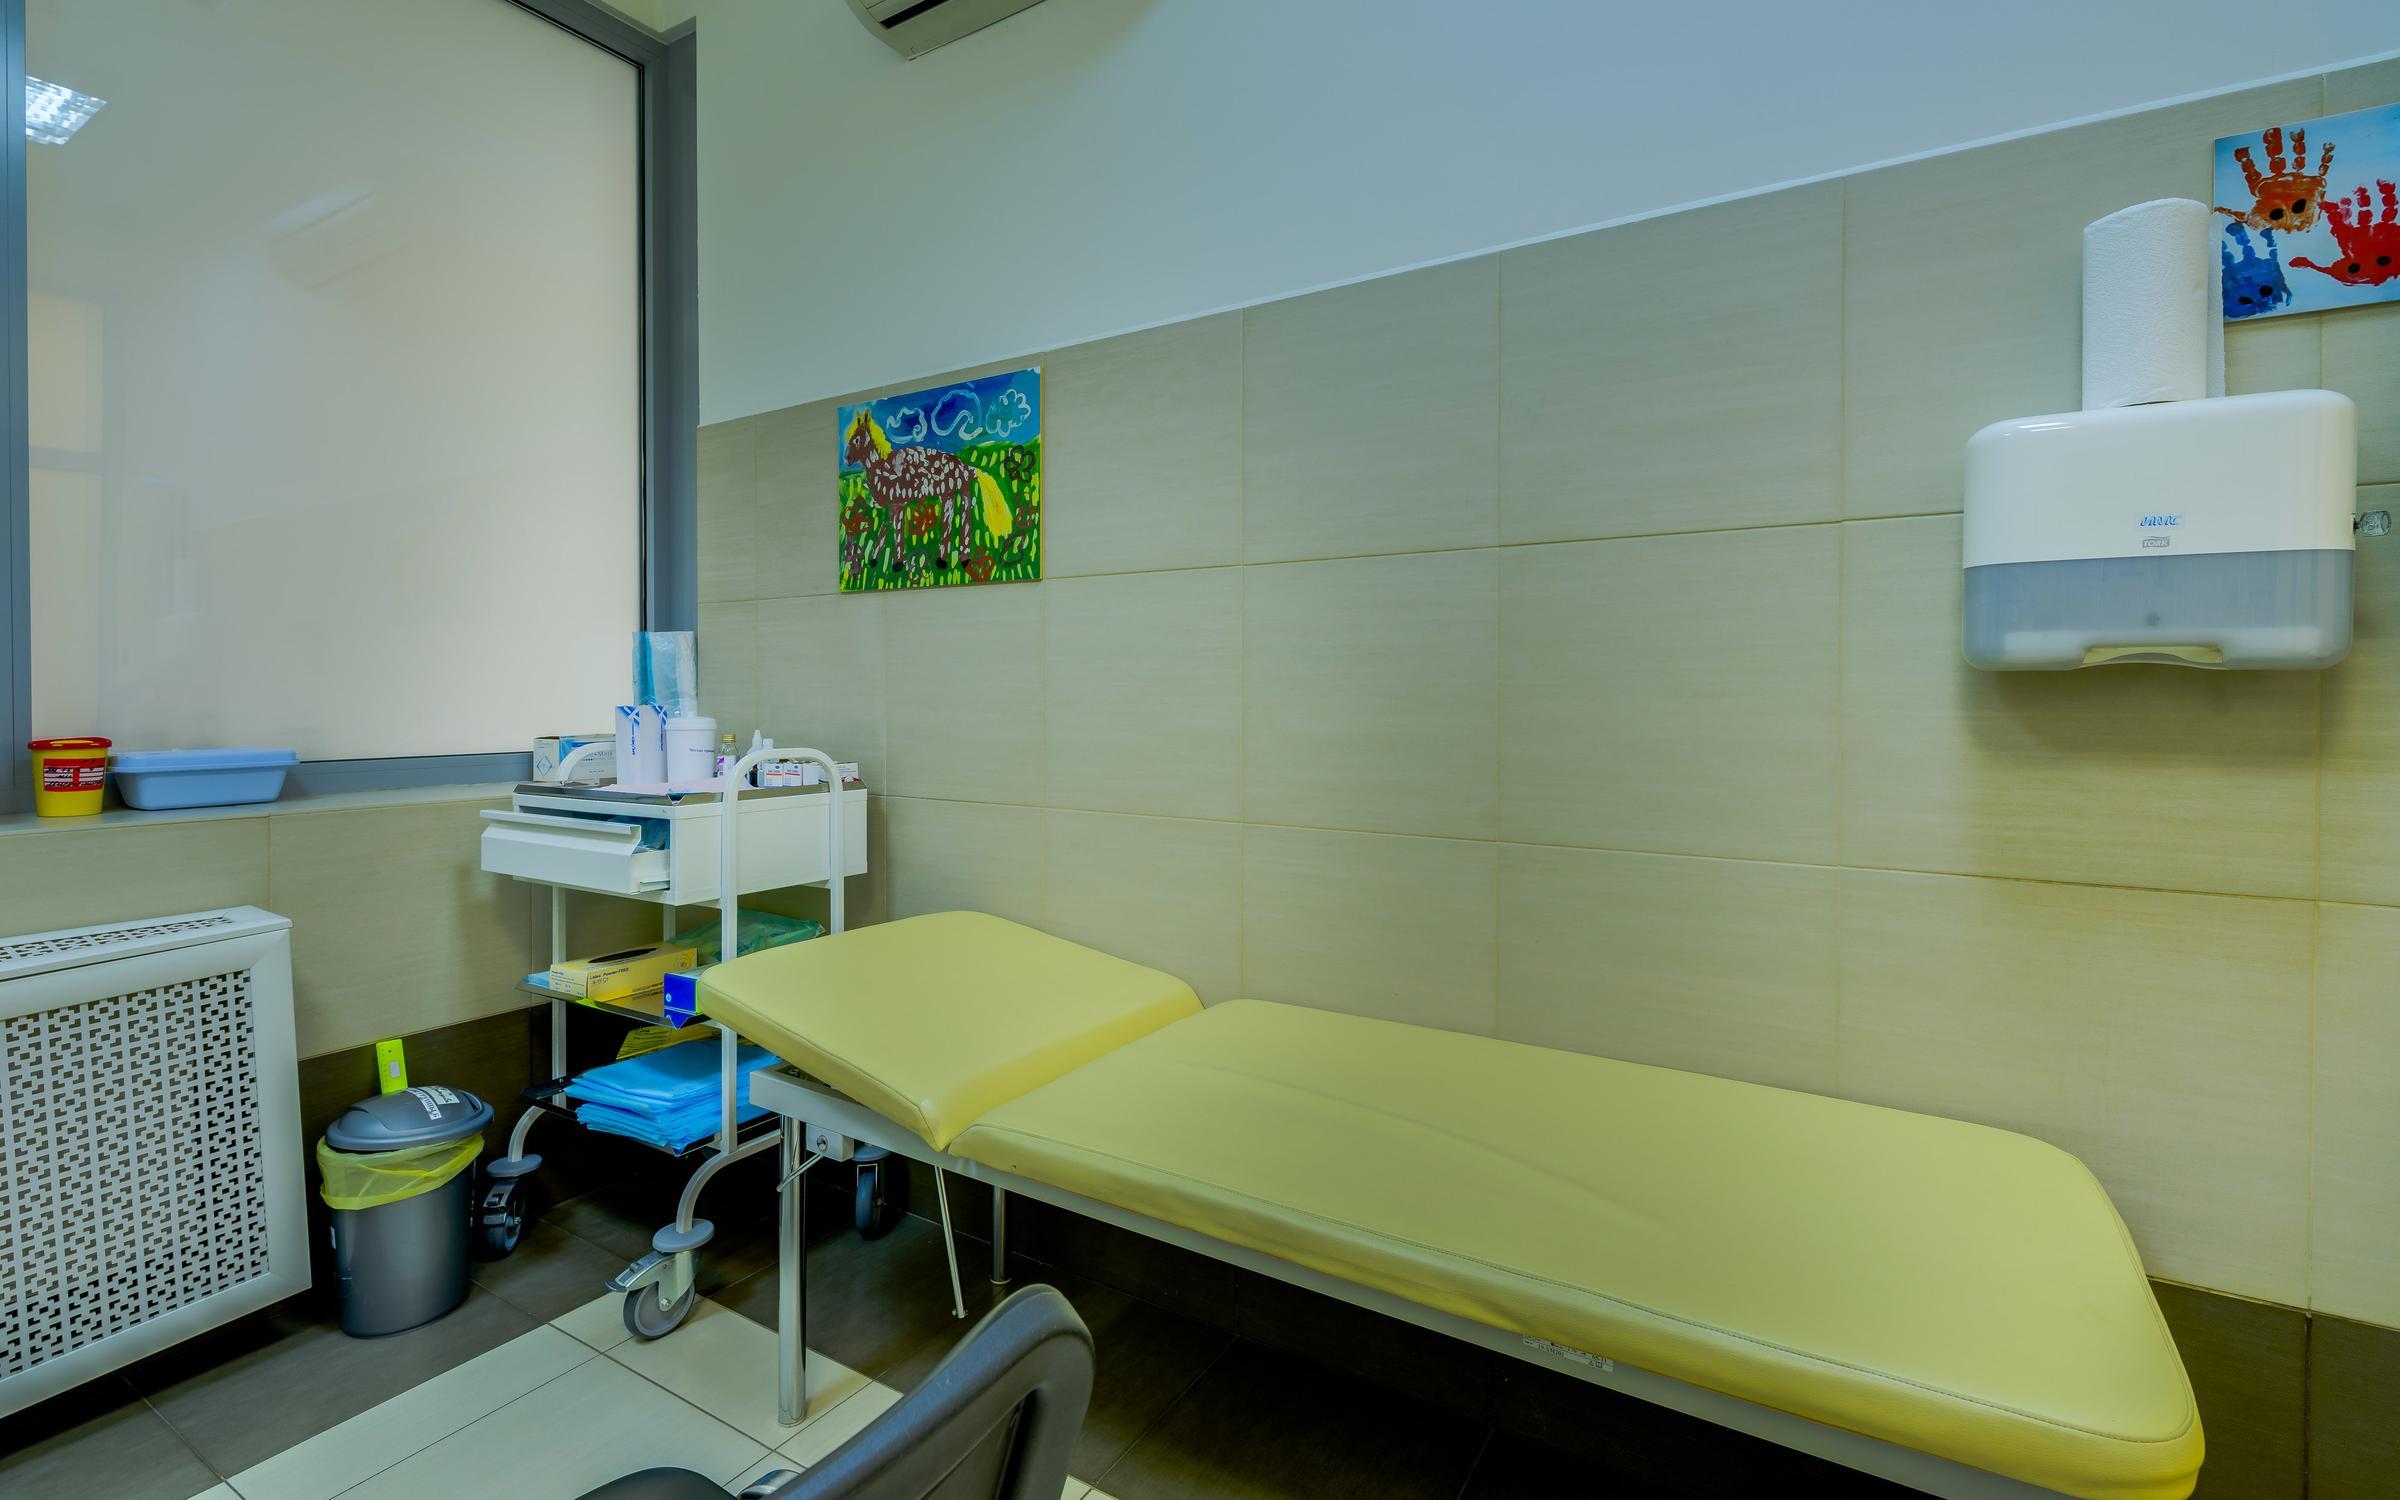 Детская стоматологическая поликлиника 1 барнаул официальный сайт